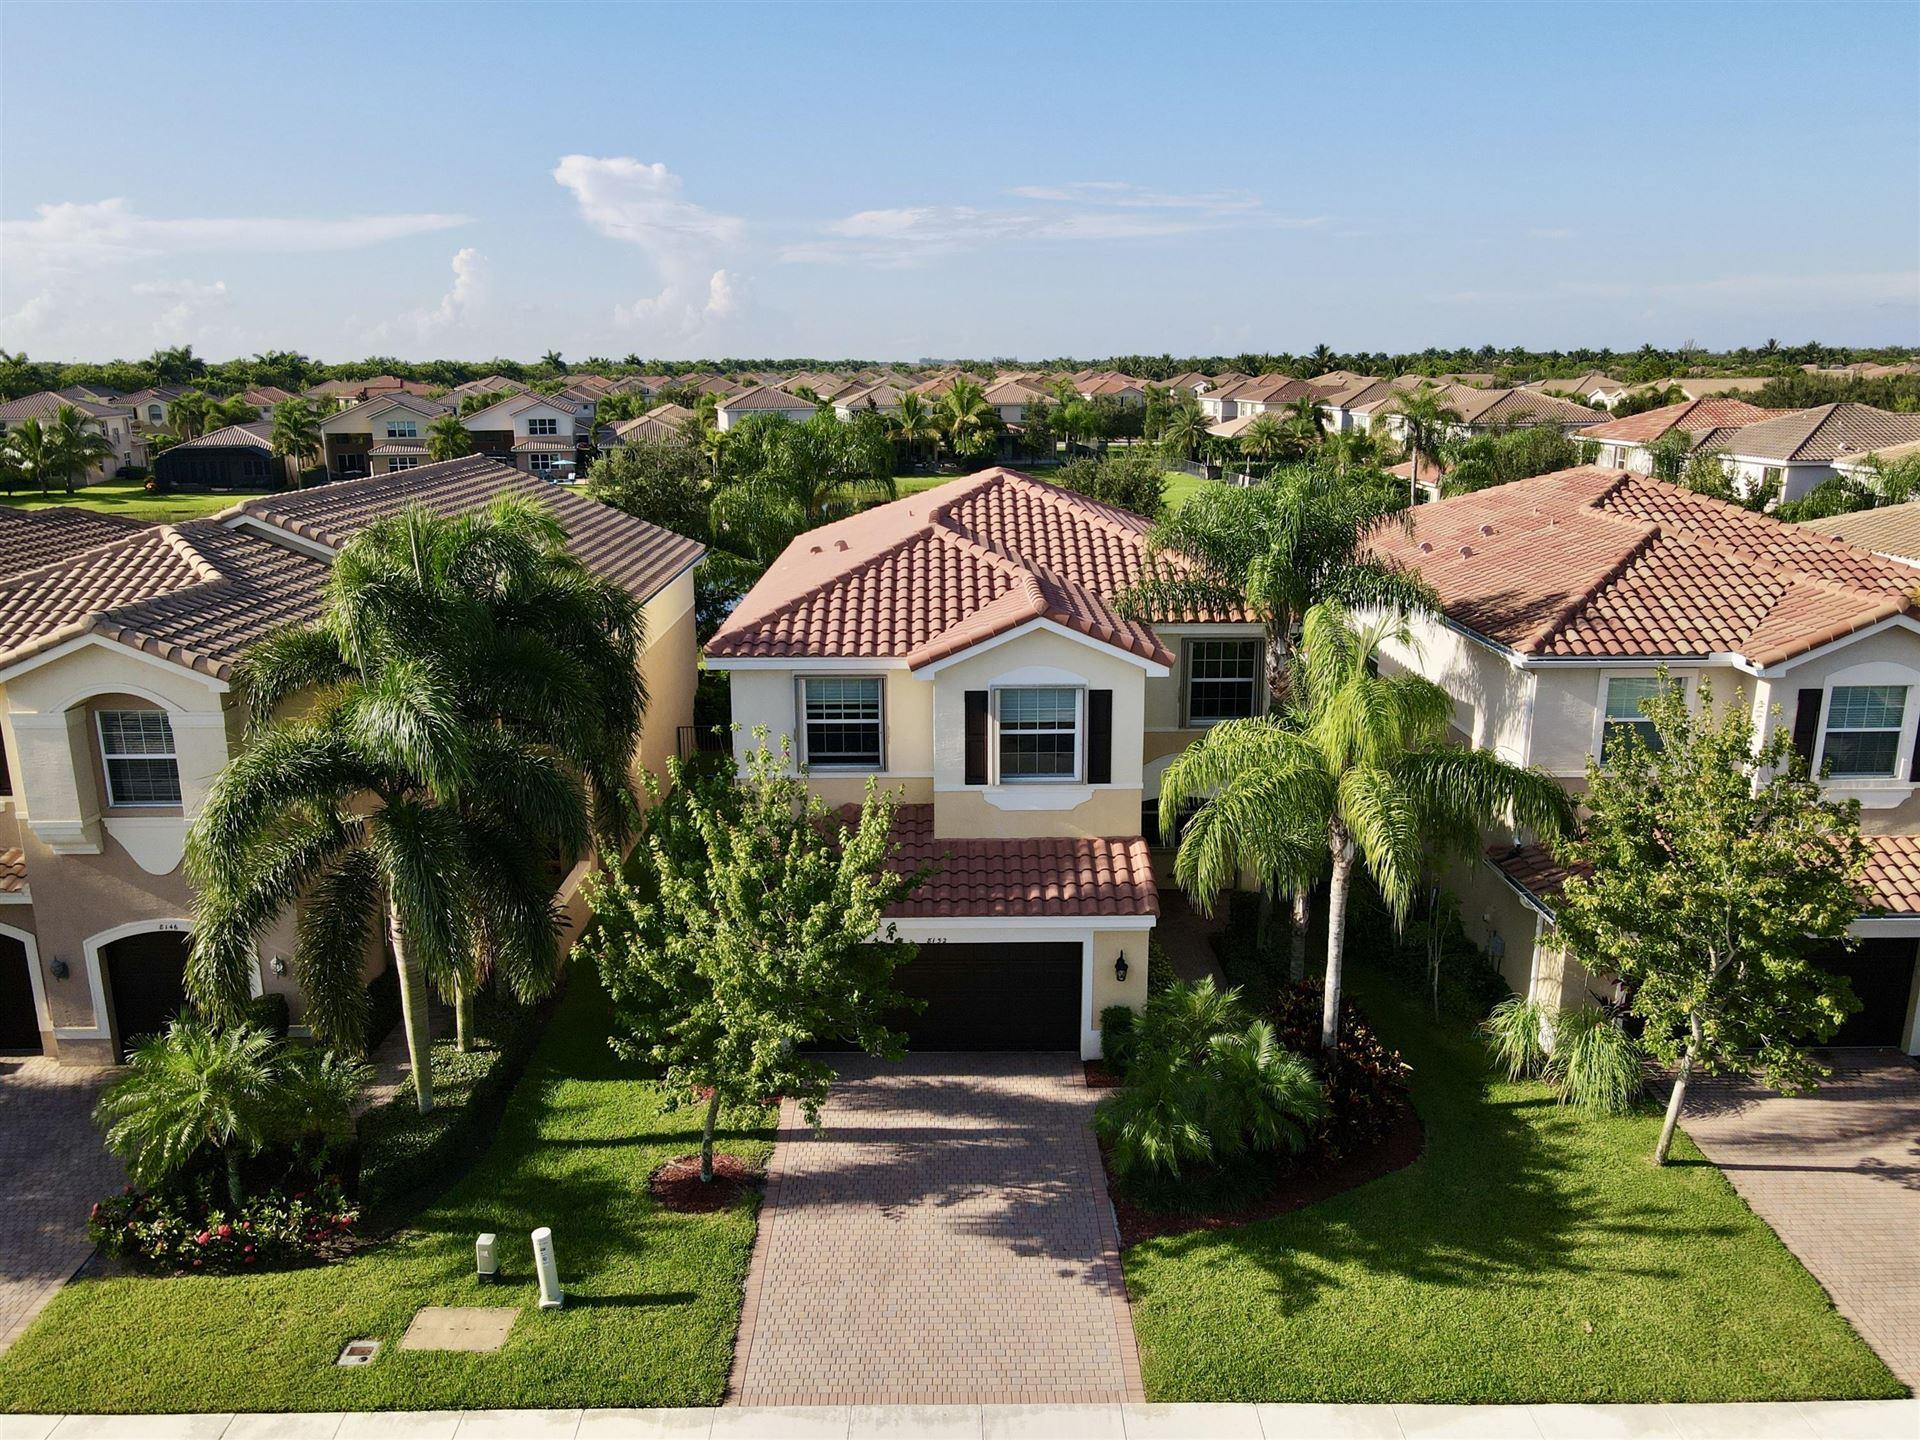 Photo of 8152 Brigamar Isles Avenue, Boynton Beach, FL 33473 (MLS # RX-10645238)